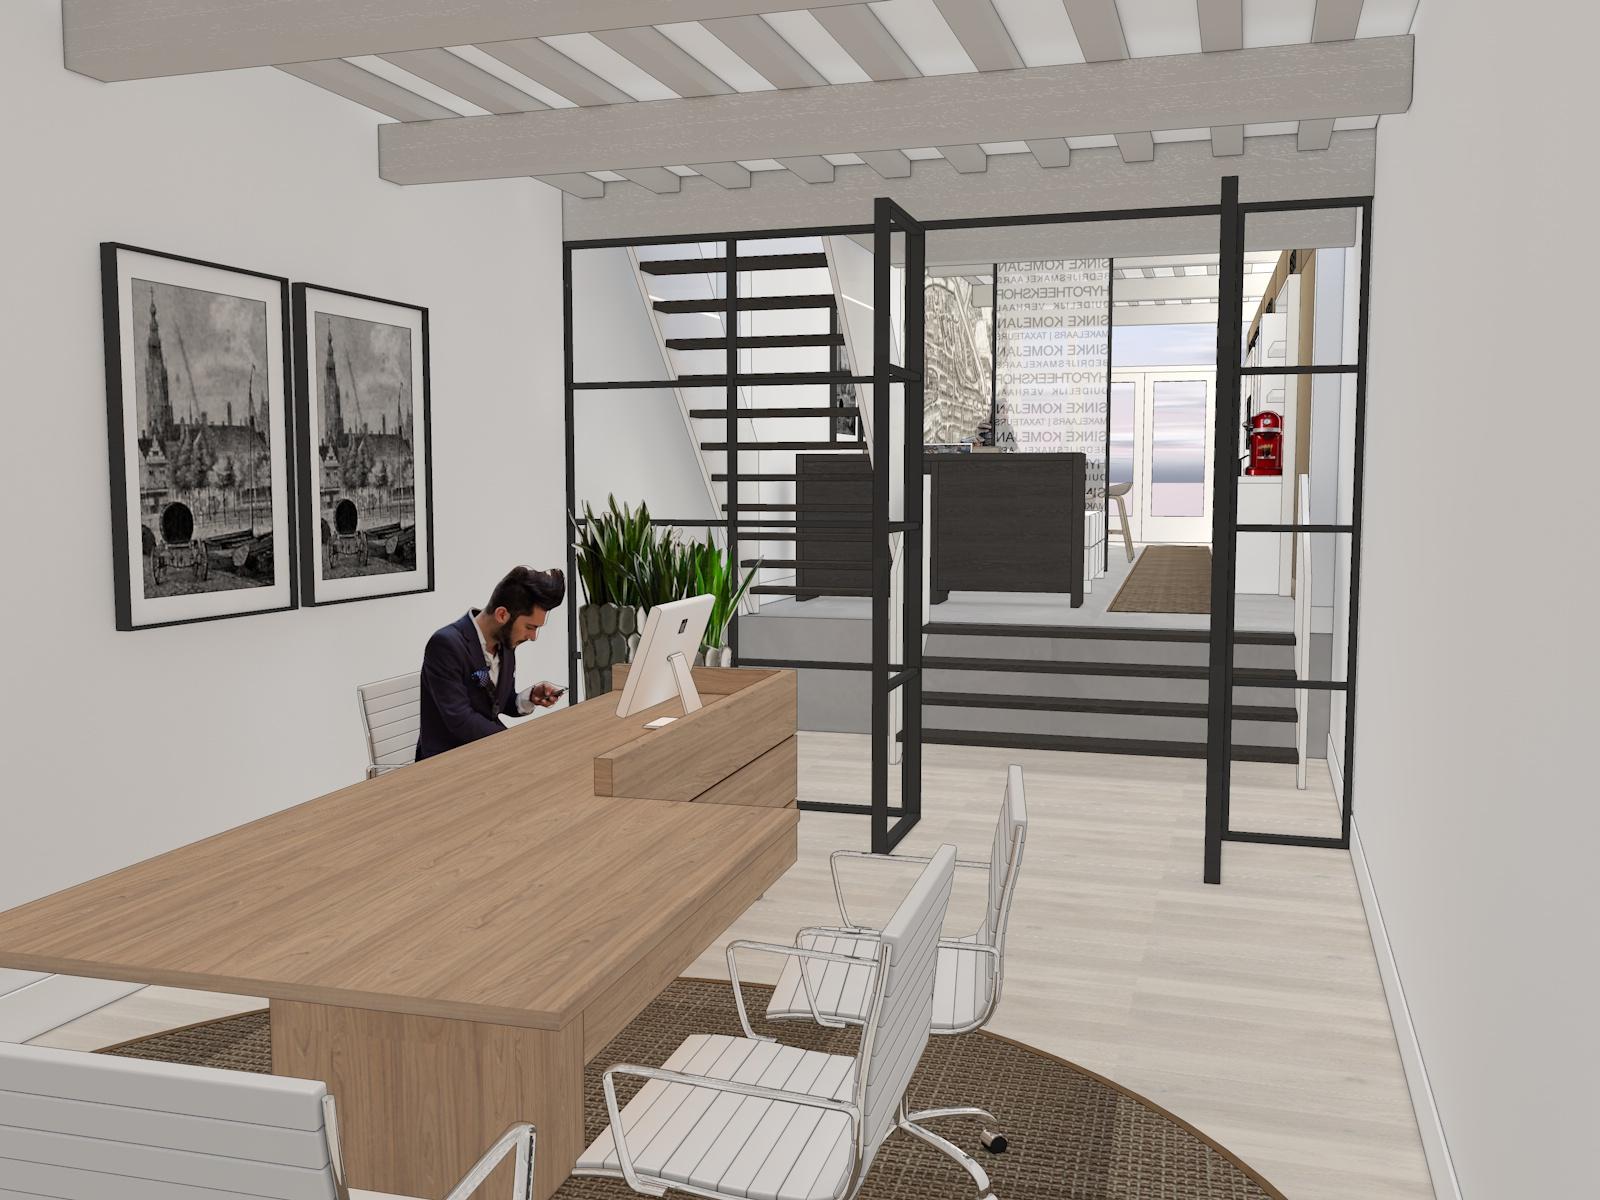 Coming soon nieuw interieurconcept makelaarskantoor sinke for Inrichting kantoor